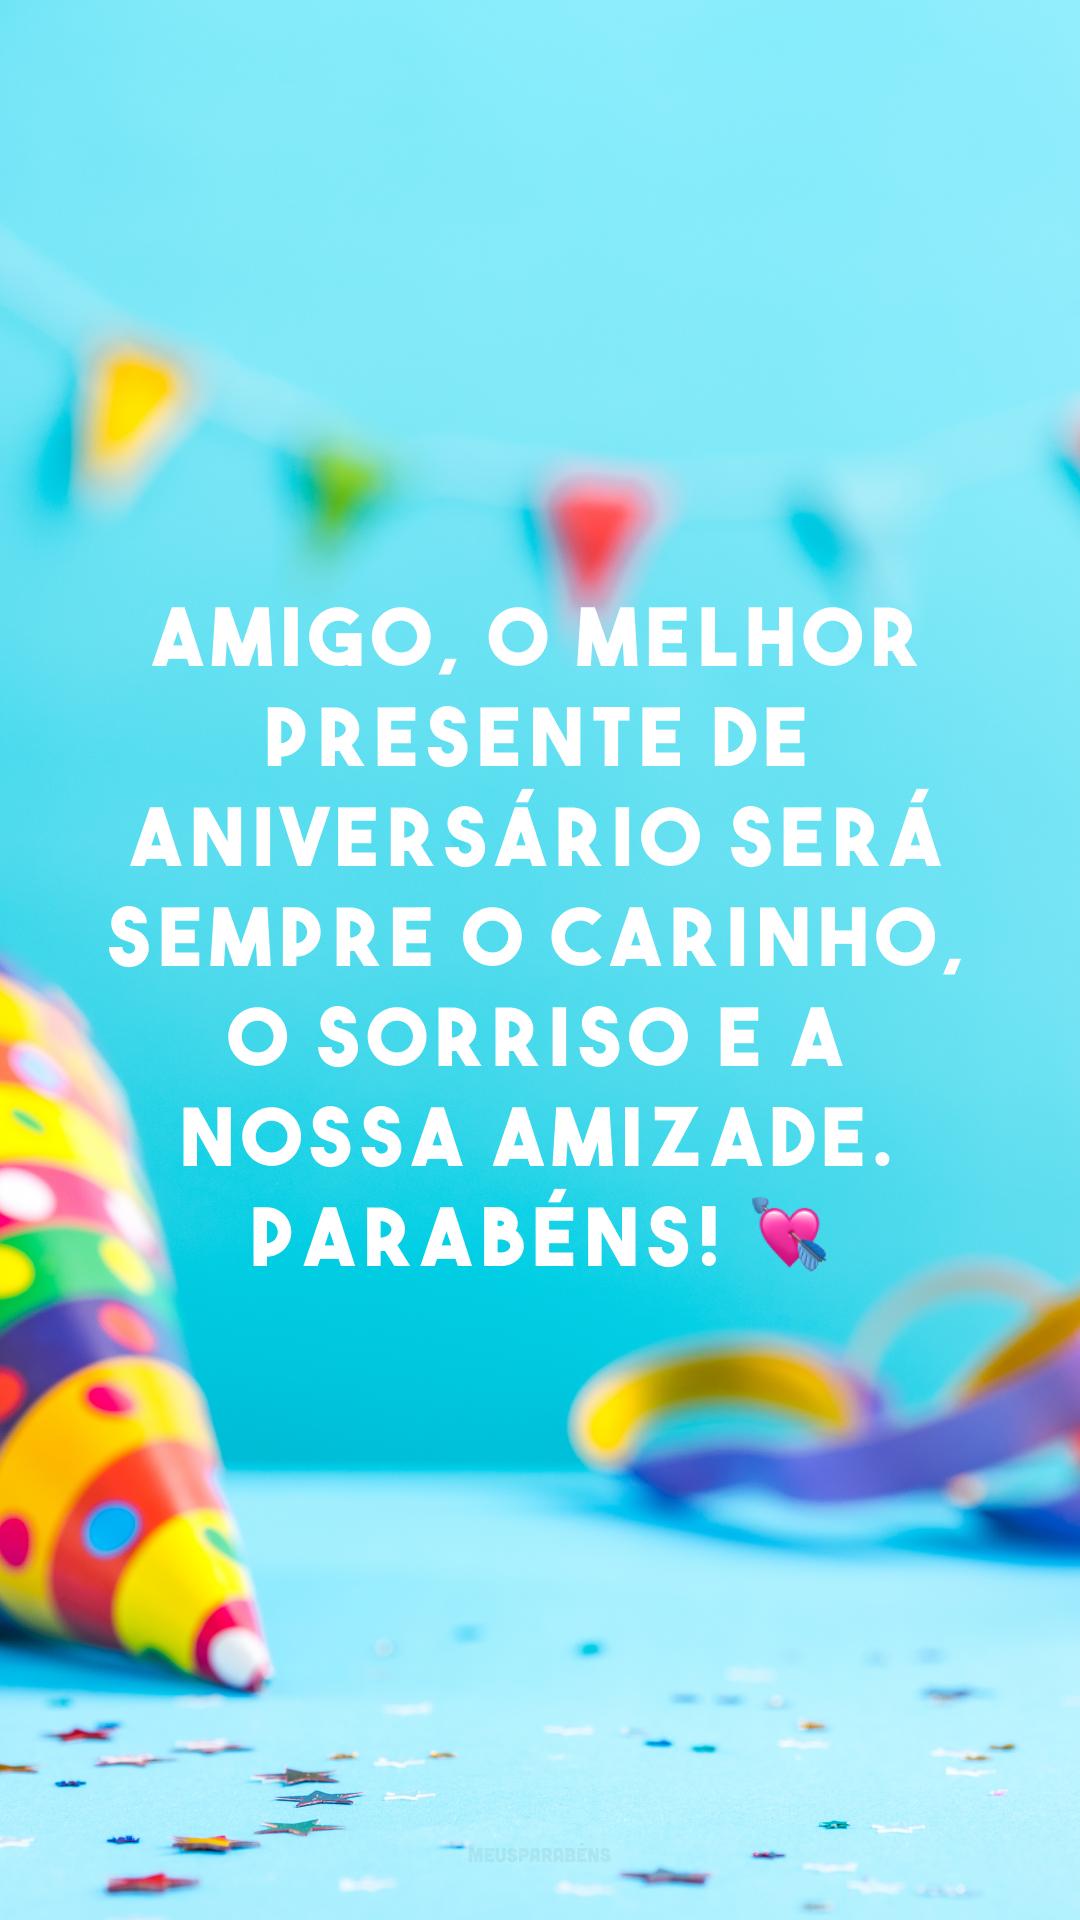 Amigo, o melhor presente de aniversário será sempre o carinho, o sorriso e a nossa amizade. Parabéns! 💘